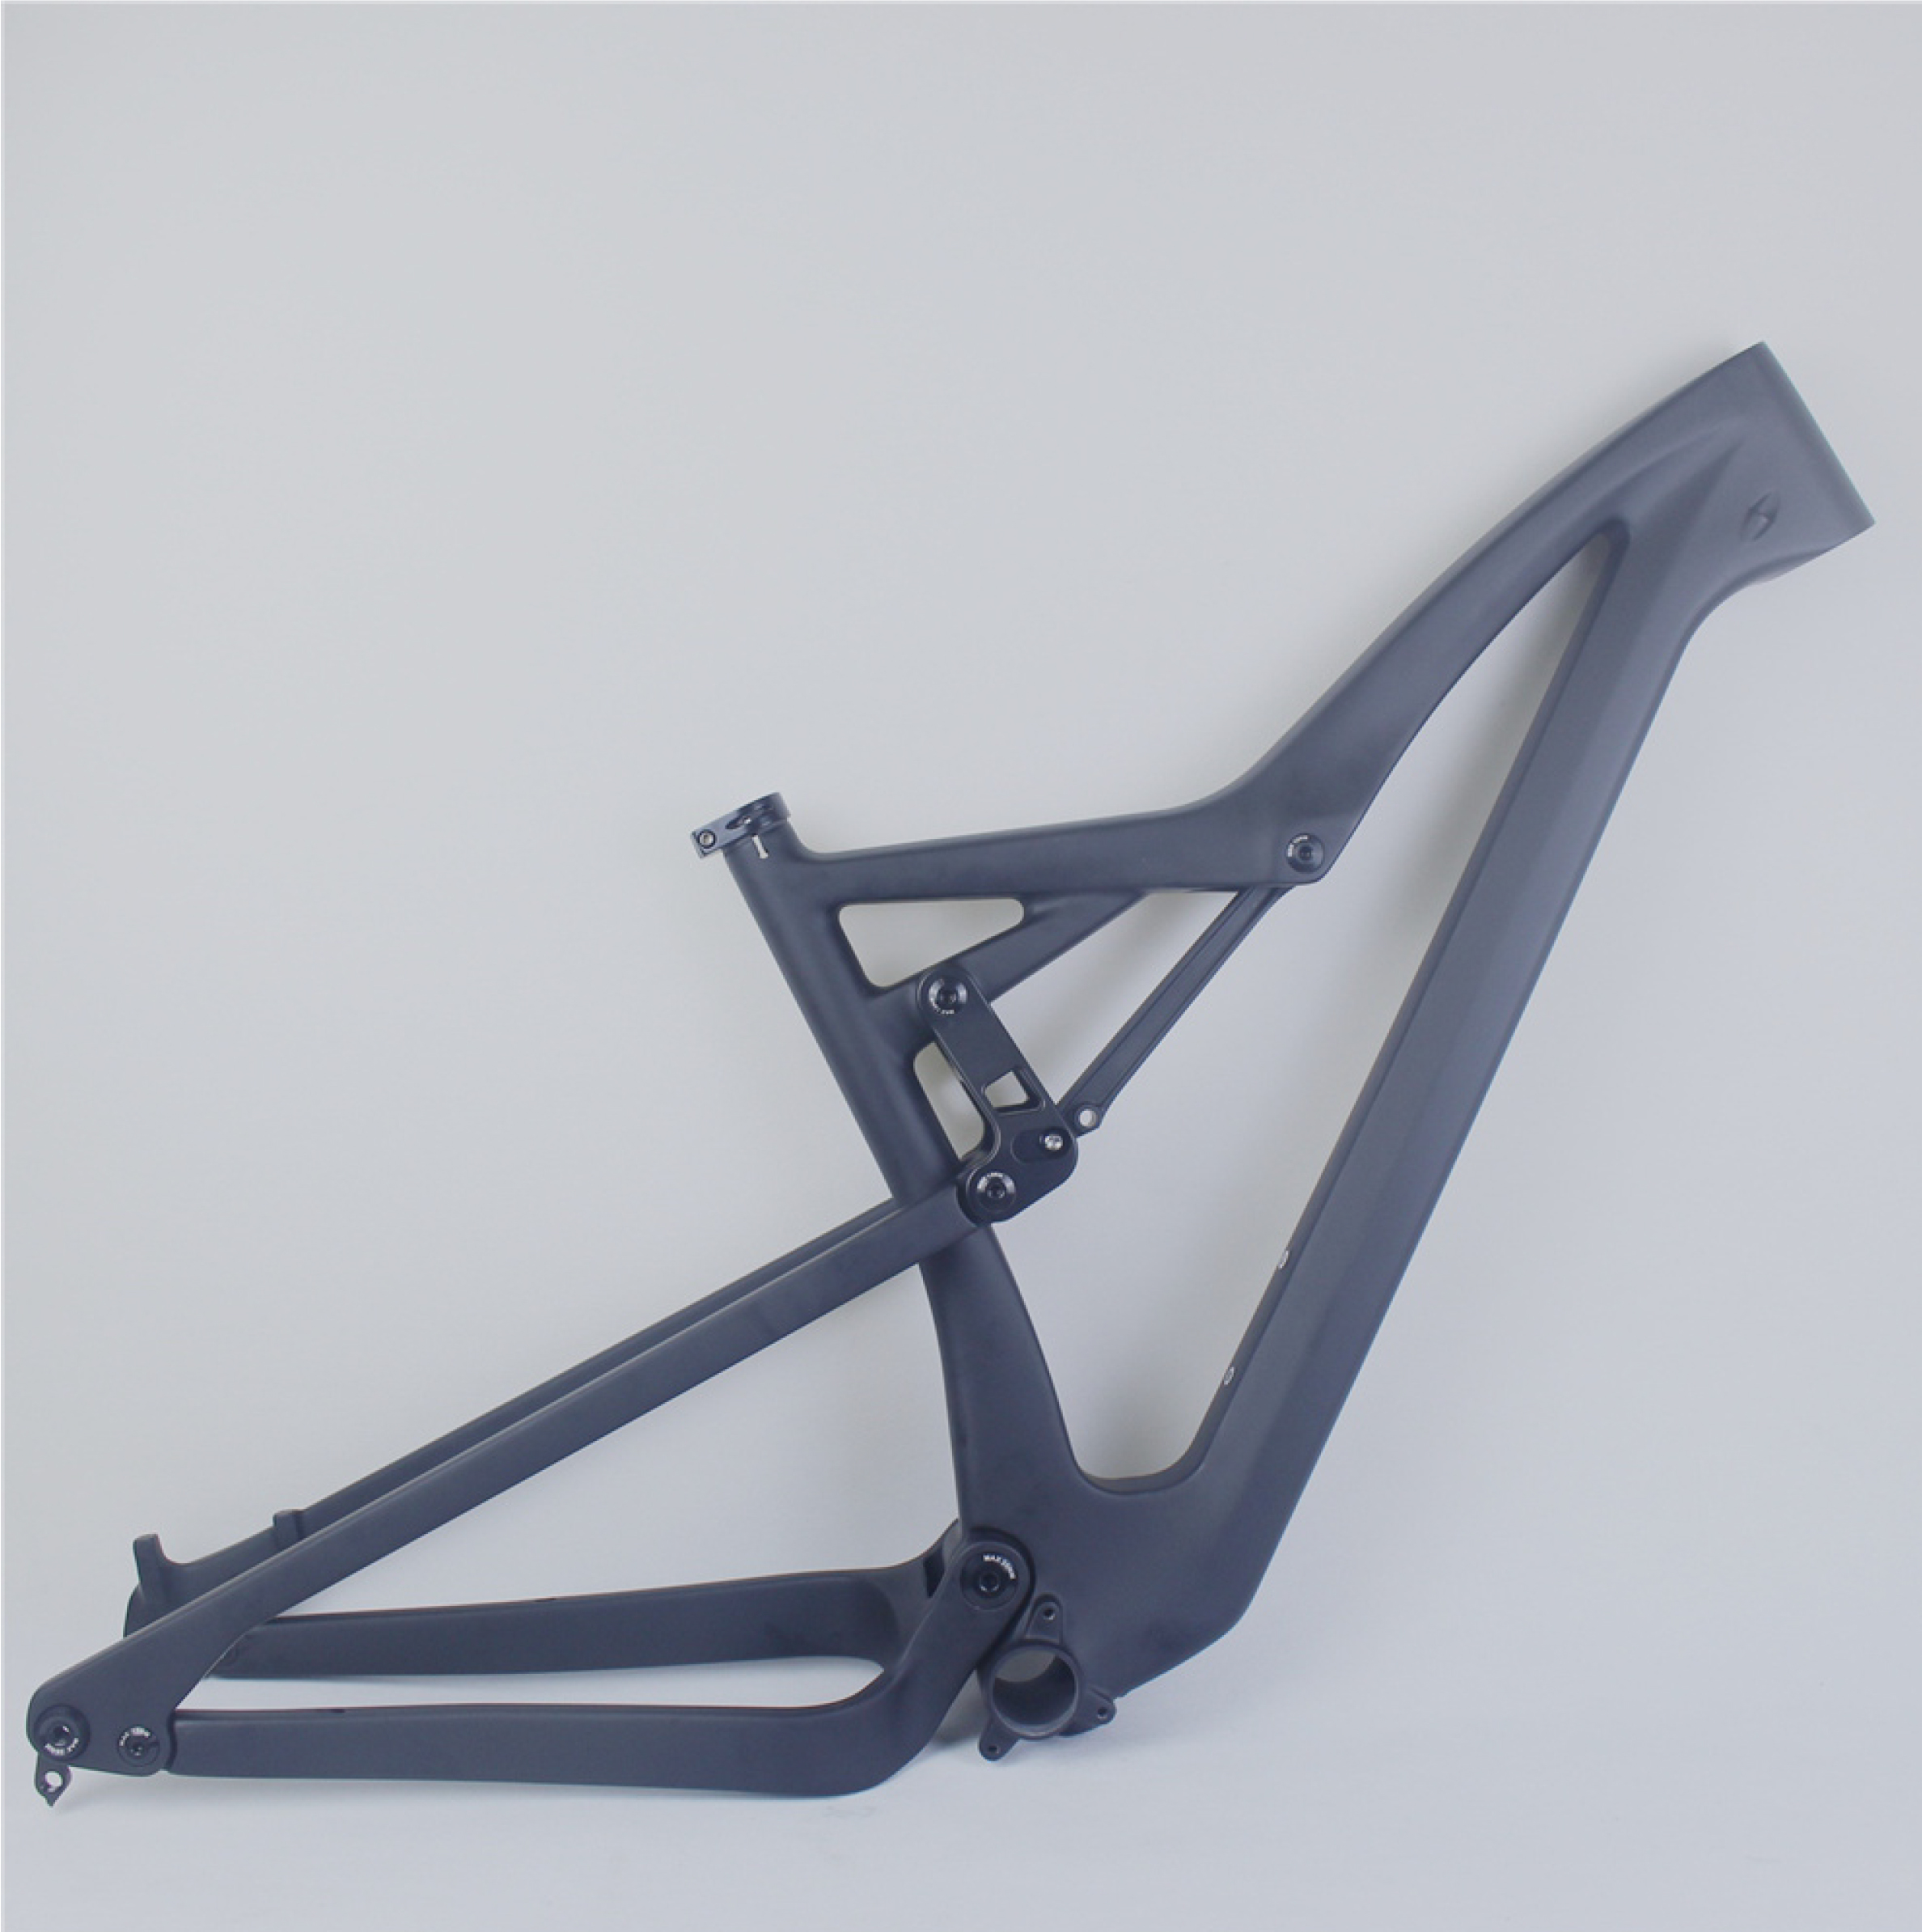 2021 New Full Suspension ALL  Mountain Bike Frame Carbon Fiber MTB Frame M08 Update  FM10 Disc Brake Post Accept Custom Painting